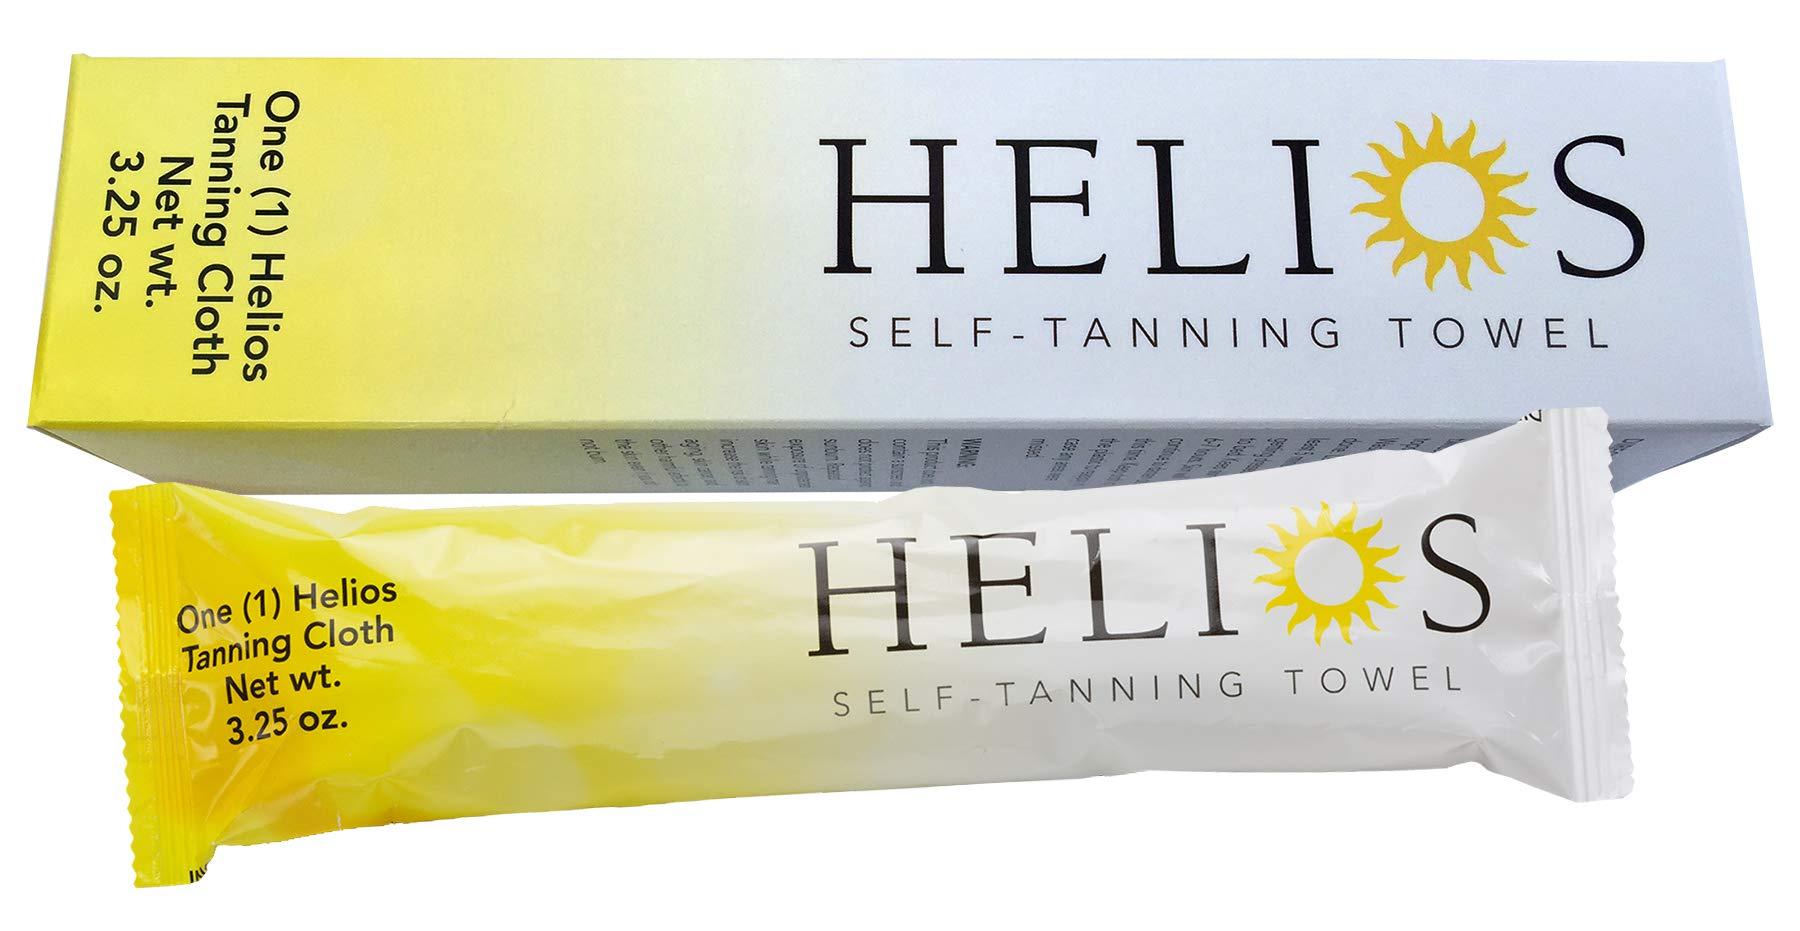 Helios Self Tanning Towel by Helios